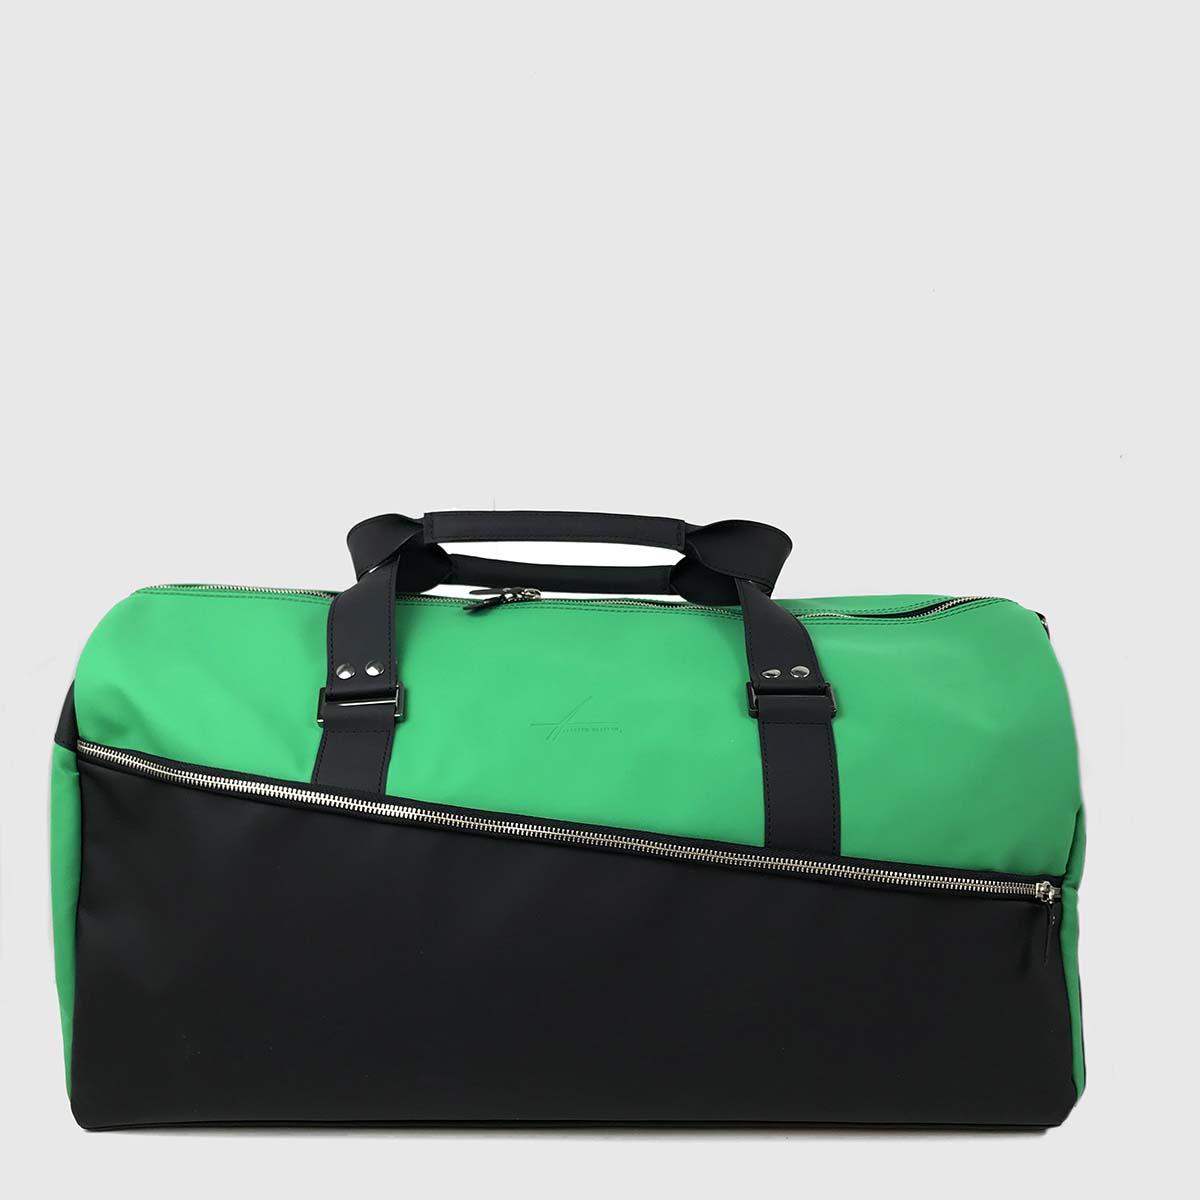 Borsone Talbot in tessuto tecnico verde e nero